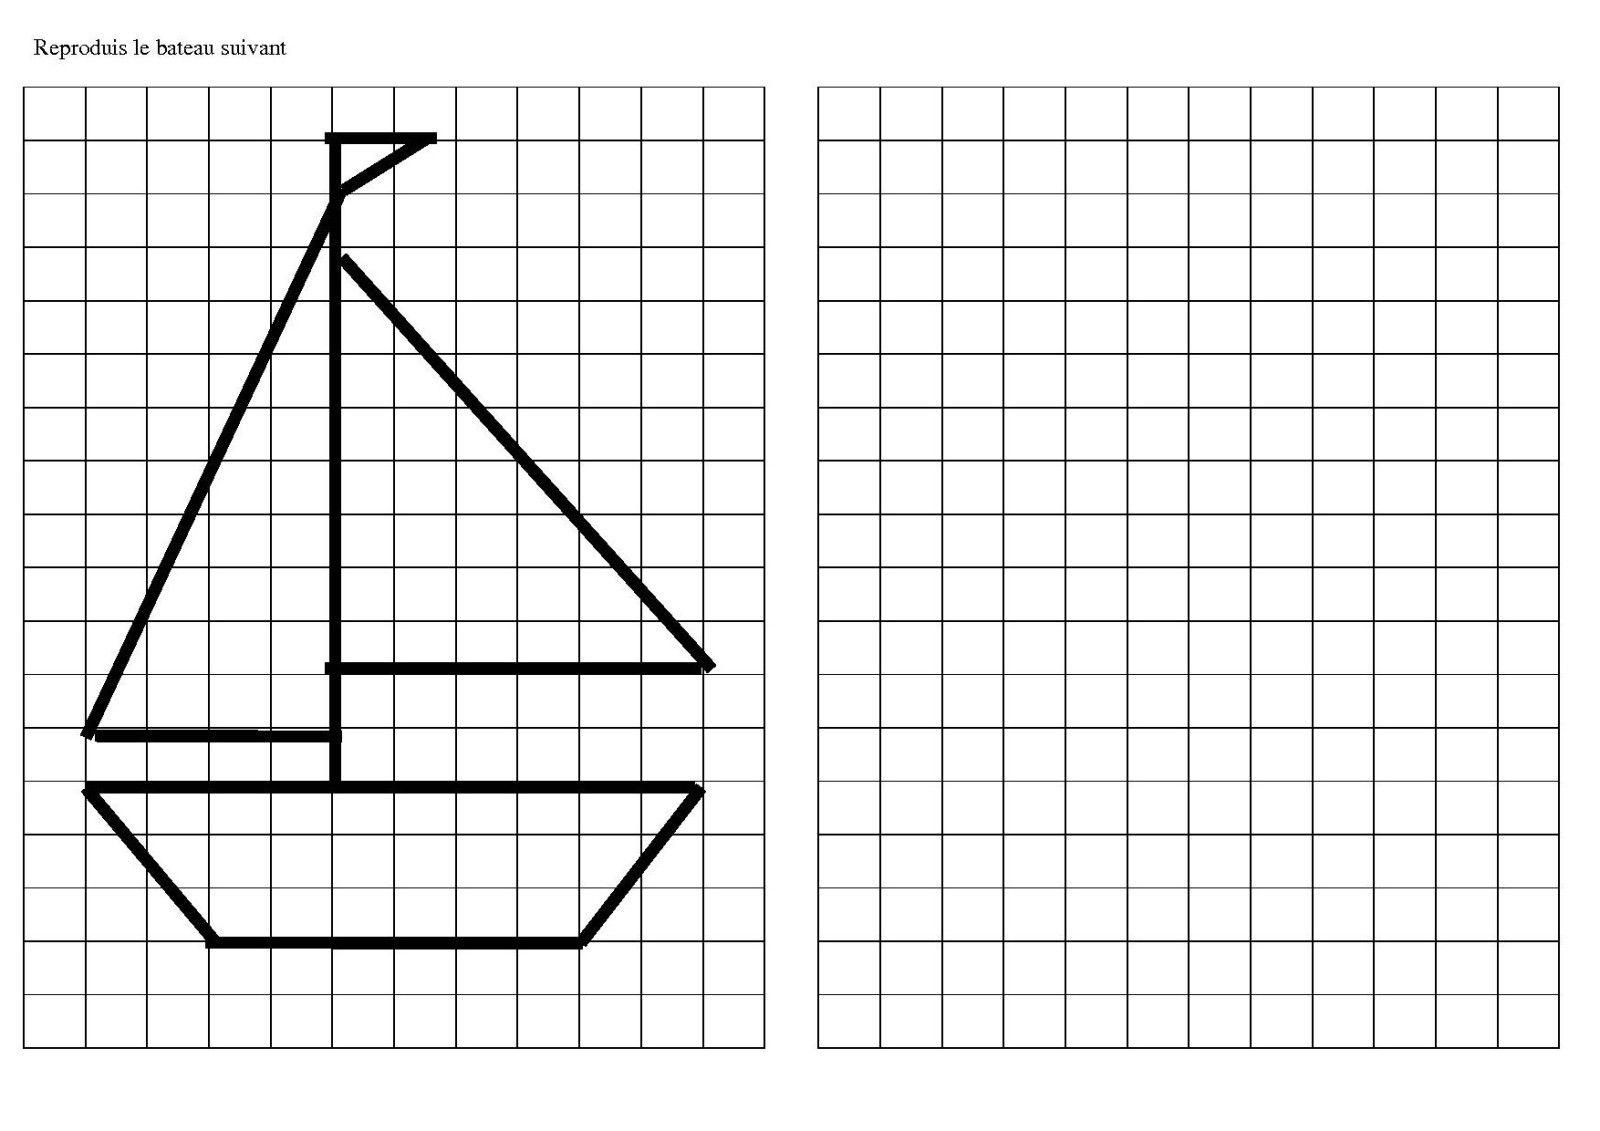 Épinglé Sur Activités À Imprimer dedans Dessin Symétrique A Imprimer